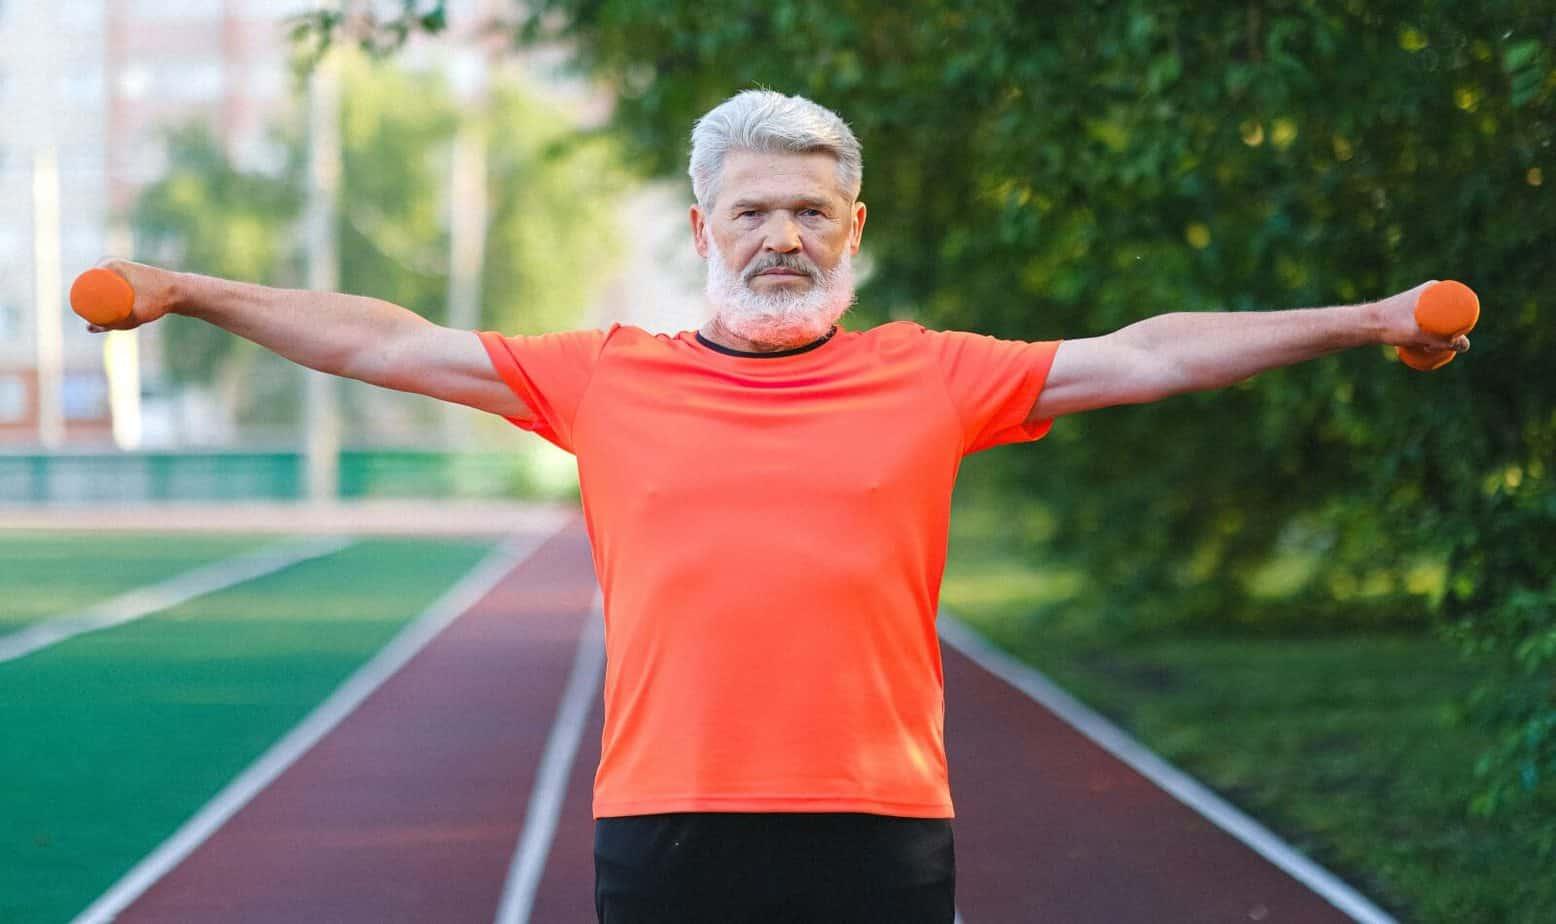 sporty elderly man performing shoulder exercise for seniors